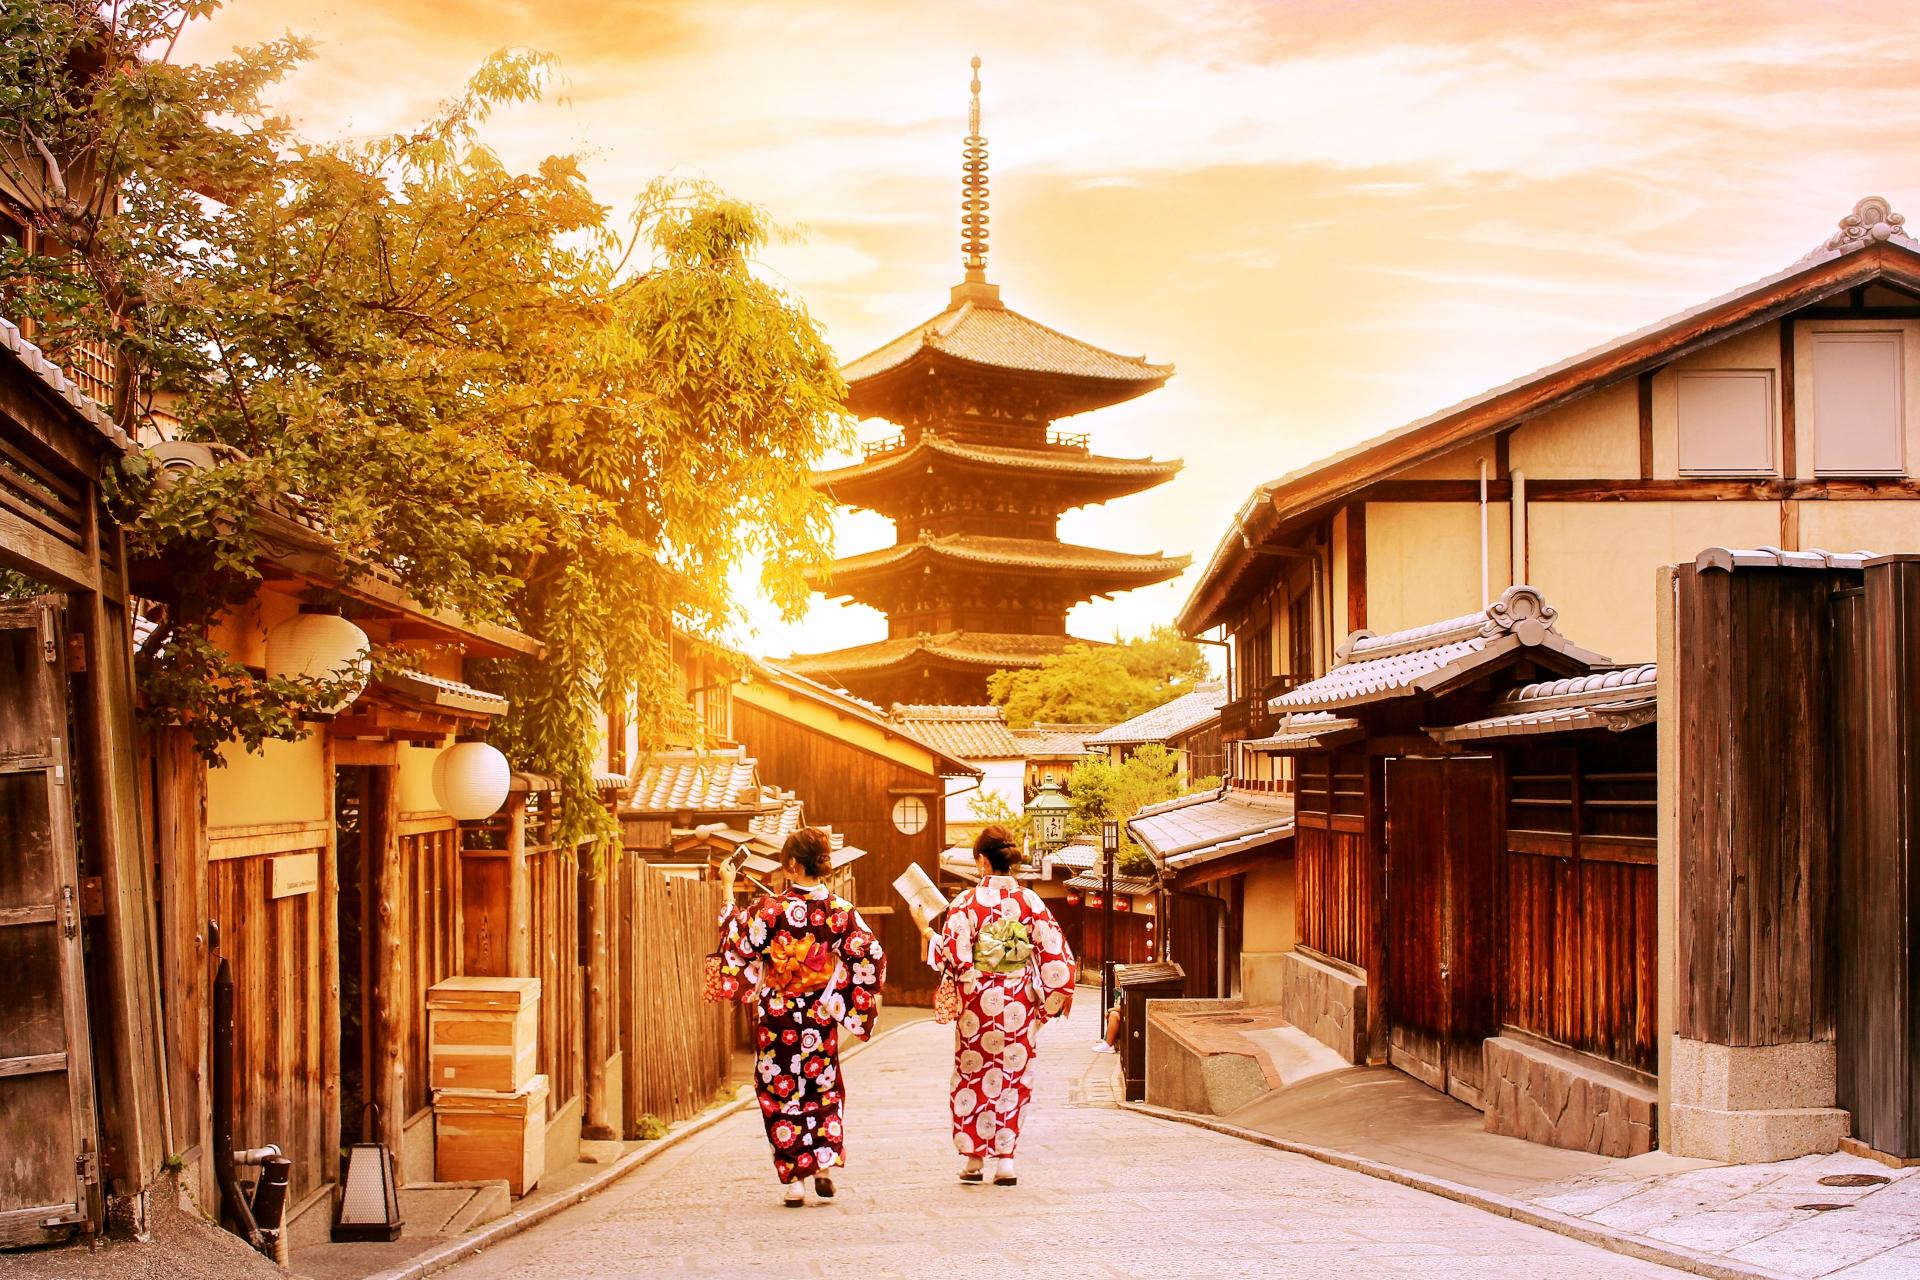 京都観光、人多すぎて困る、という人向けの記事を書いてみる。